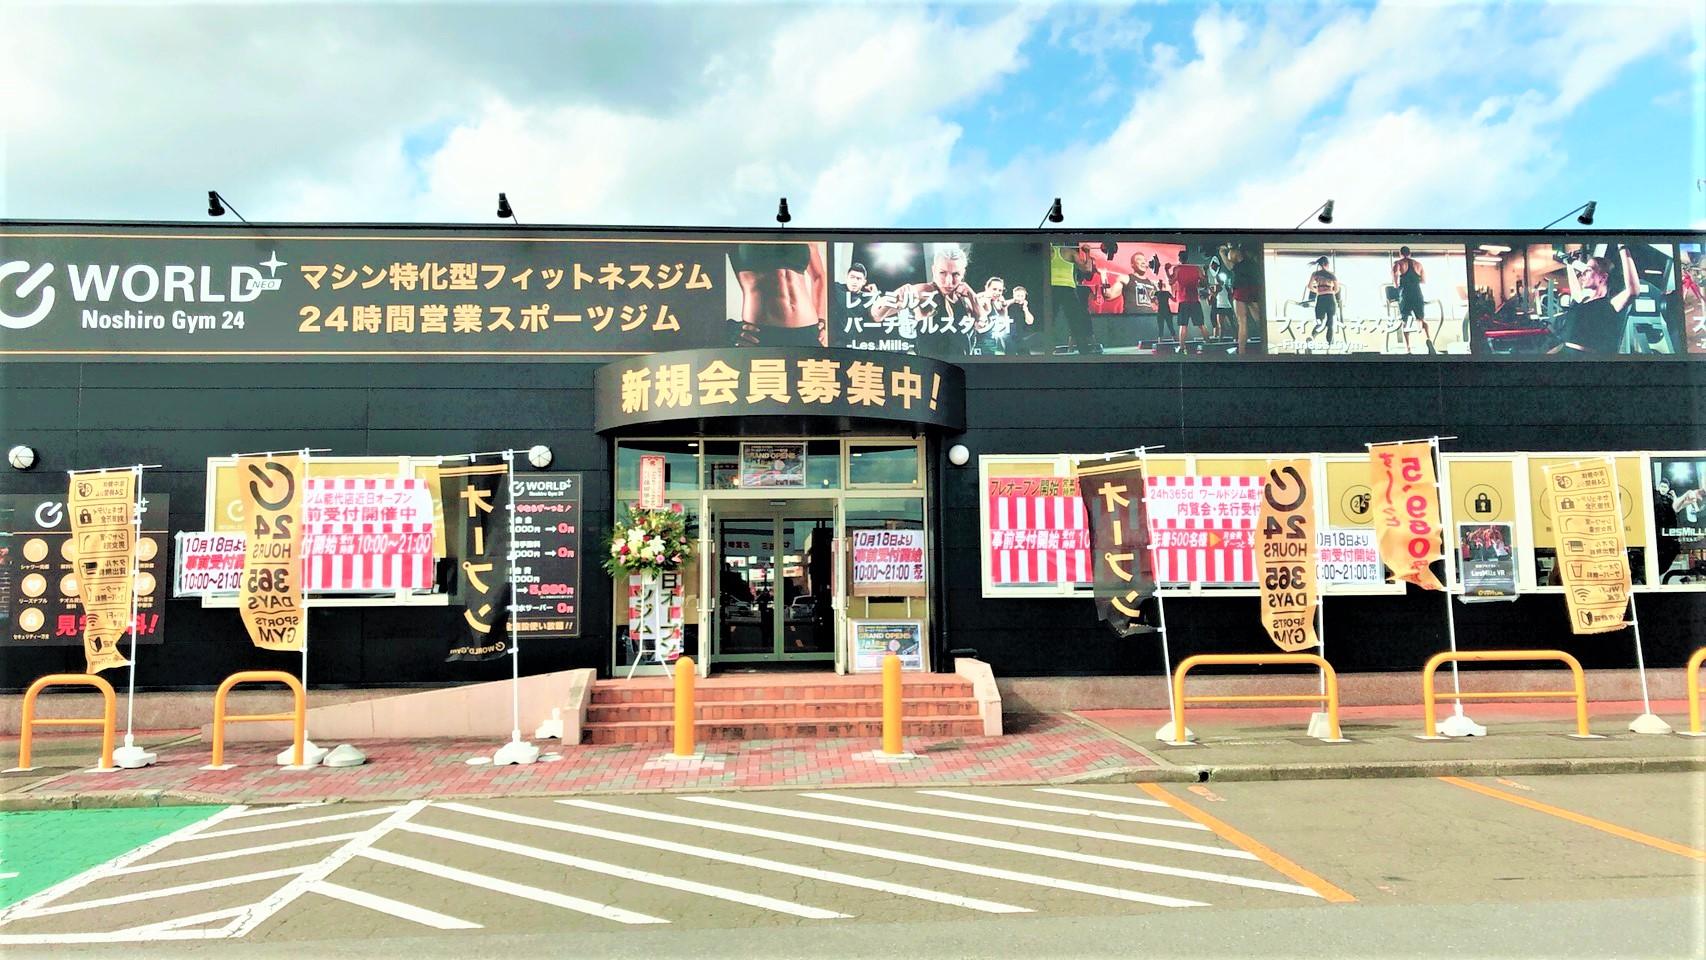 ワールド+ジム 能代店